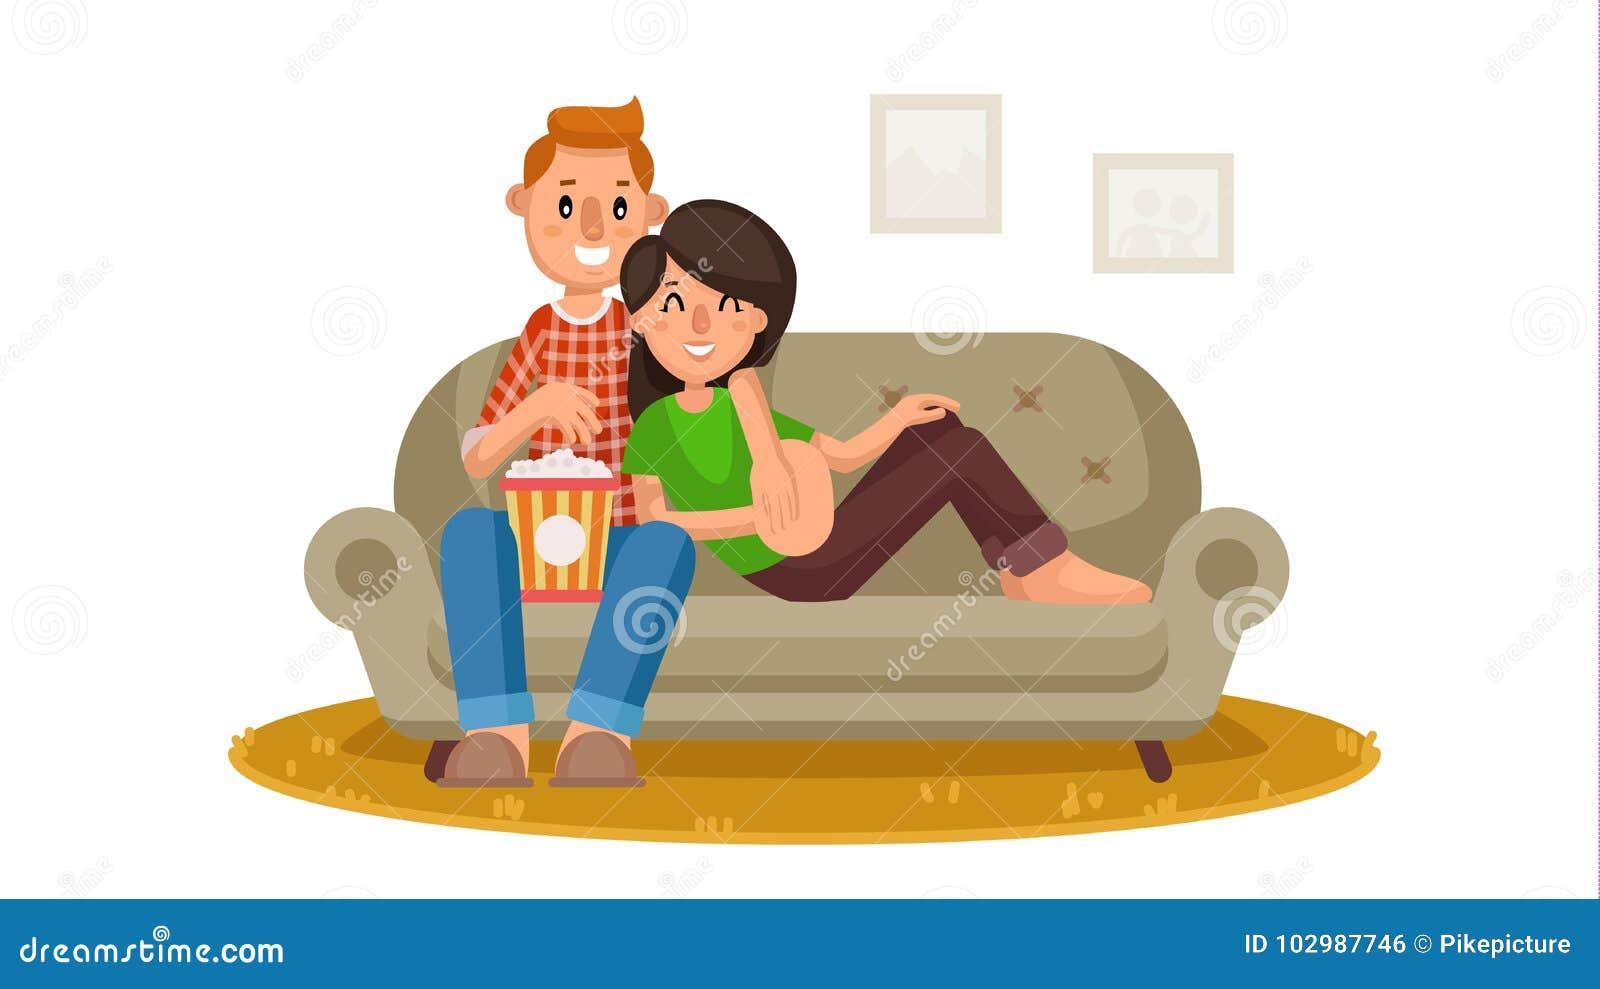 Vecteur De Observation De Télévision De Famille Heureuse Person Sitting On  The Couch Et Détente à La Maison Loisirs De Famille Cinéma à La Maison En  Ligne ...